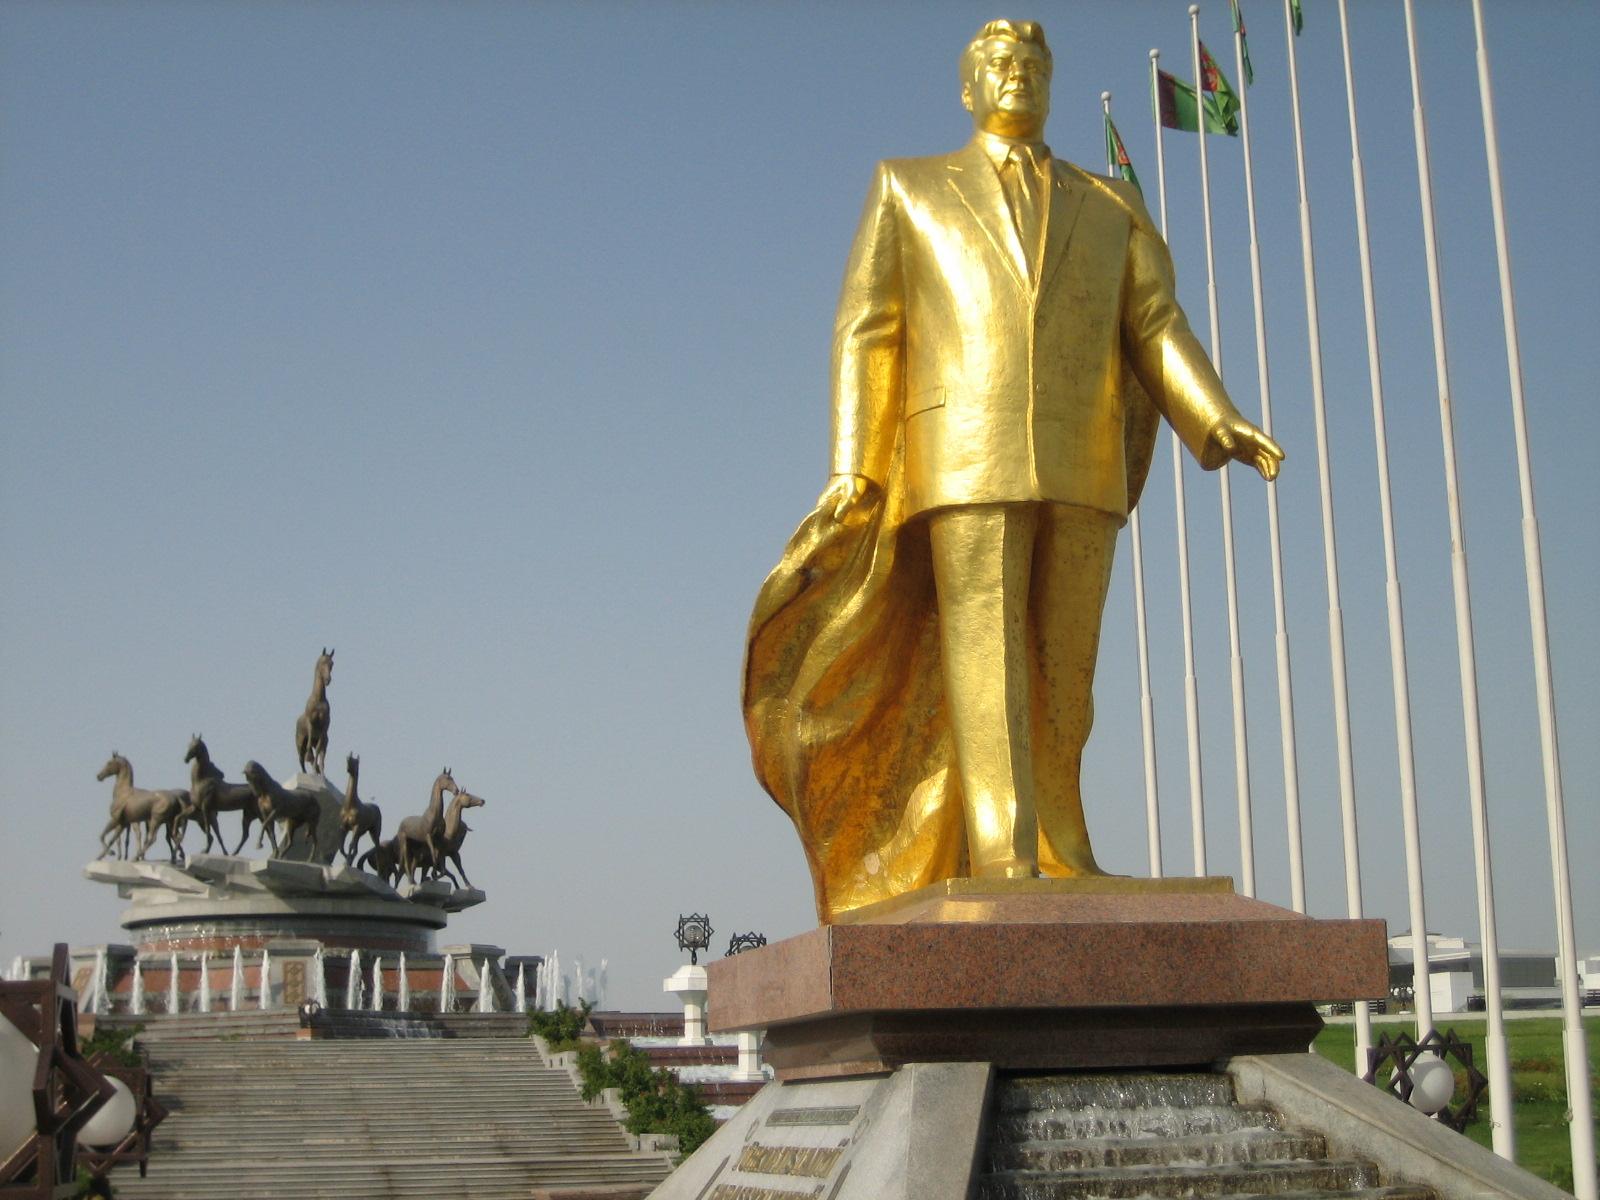 【トルクメニスタン】超貴重映像!これがニヤゾフ独裁国家絶頂期時代のトルクメニスタンだ!